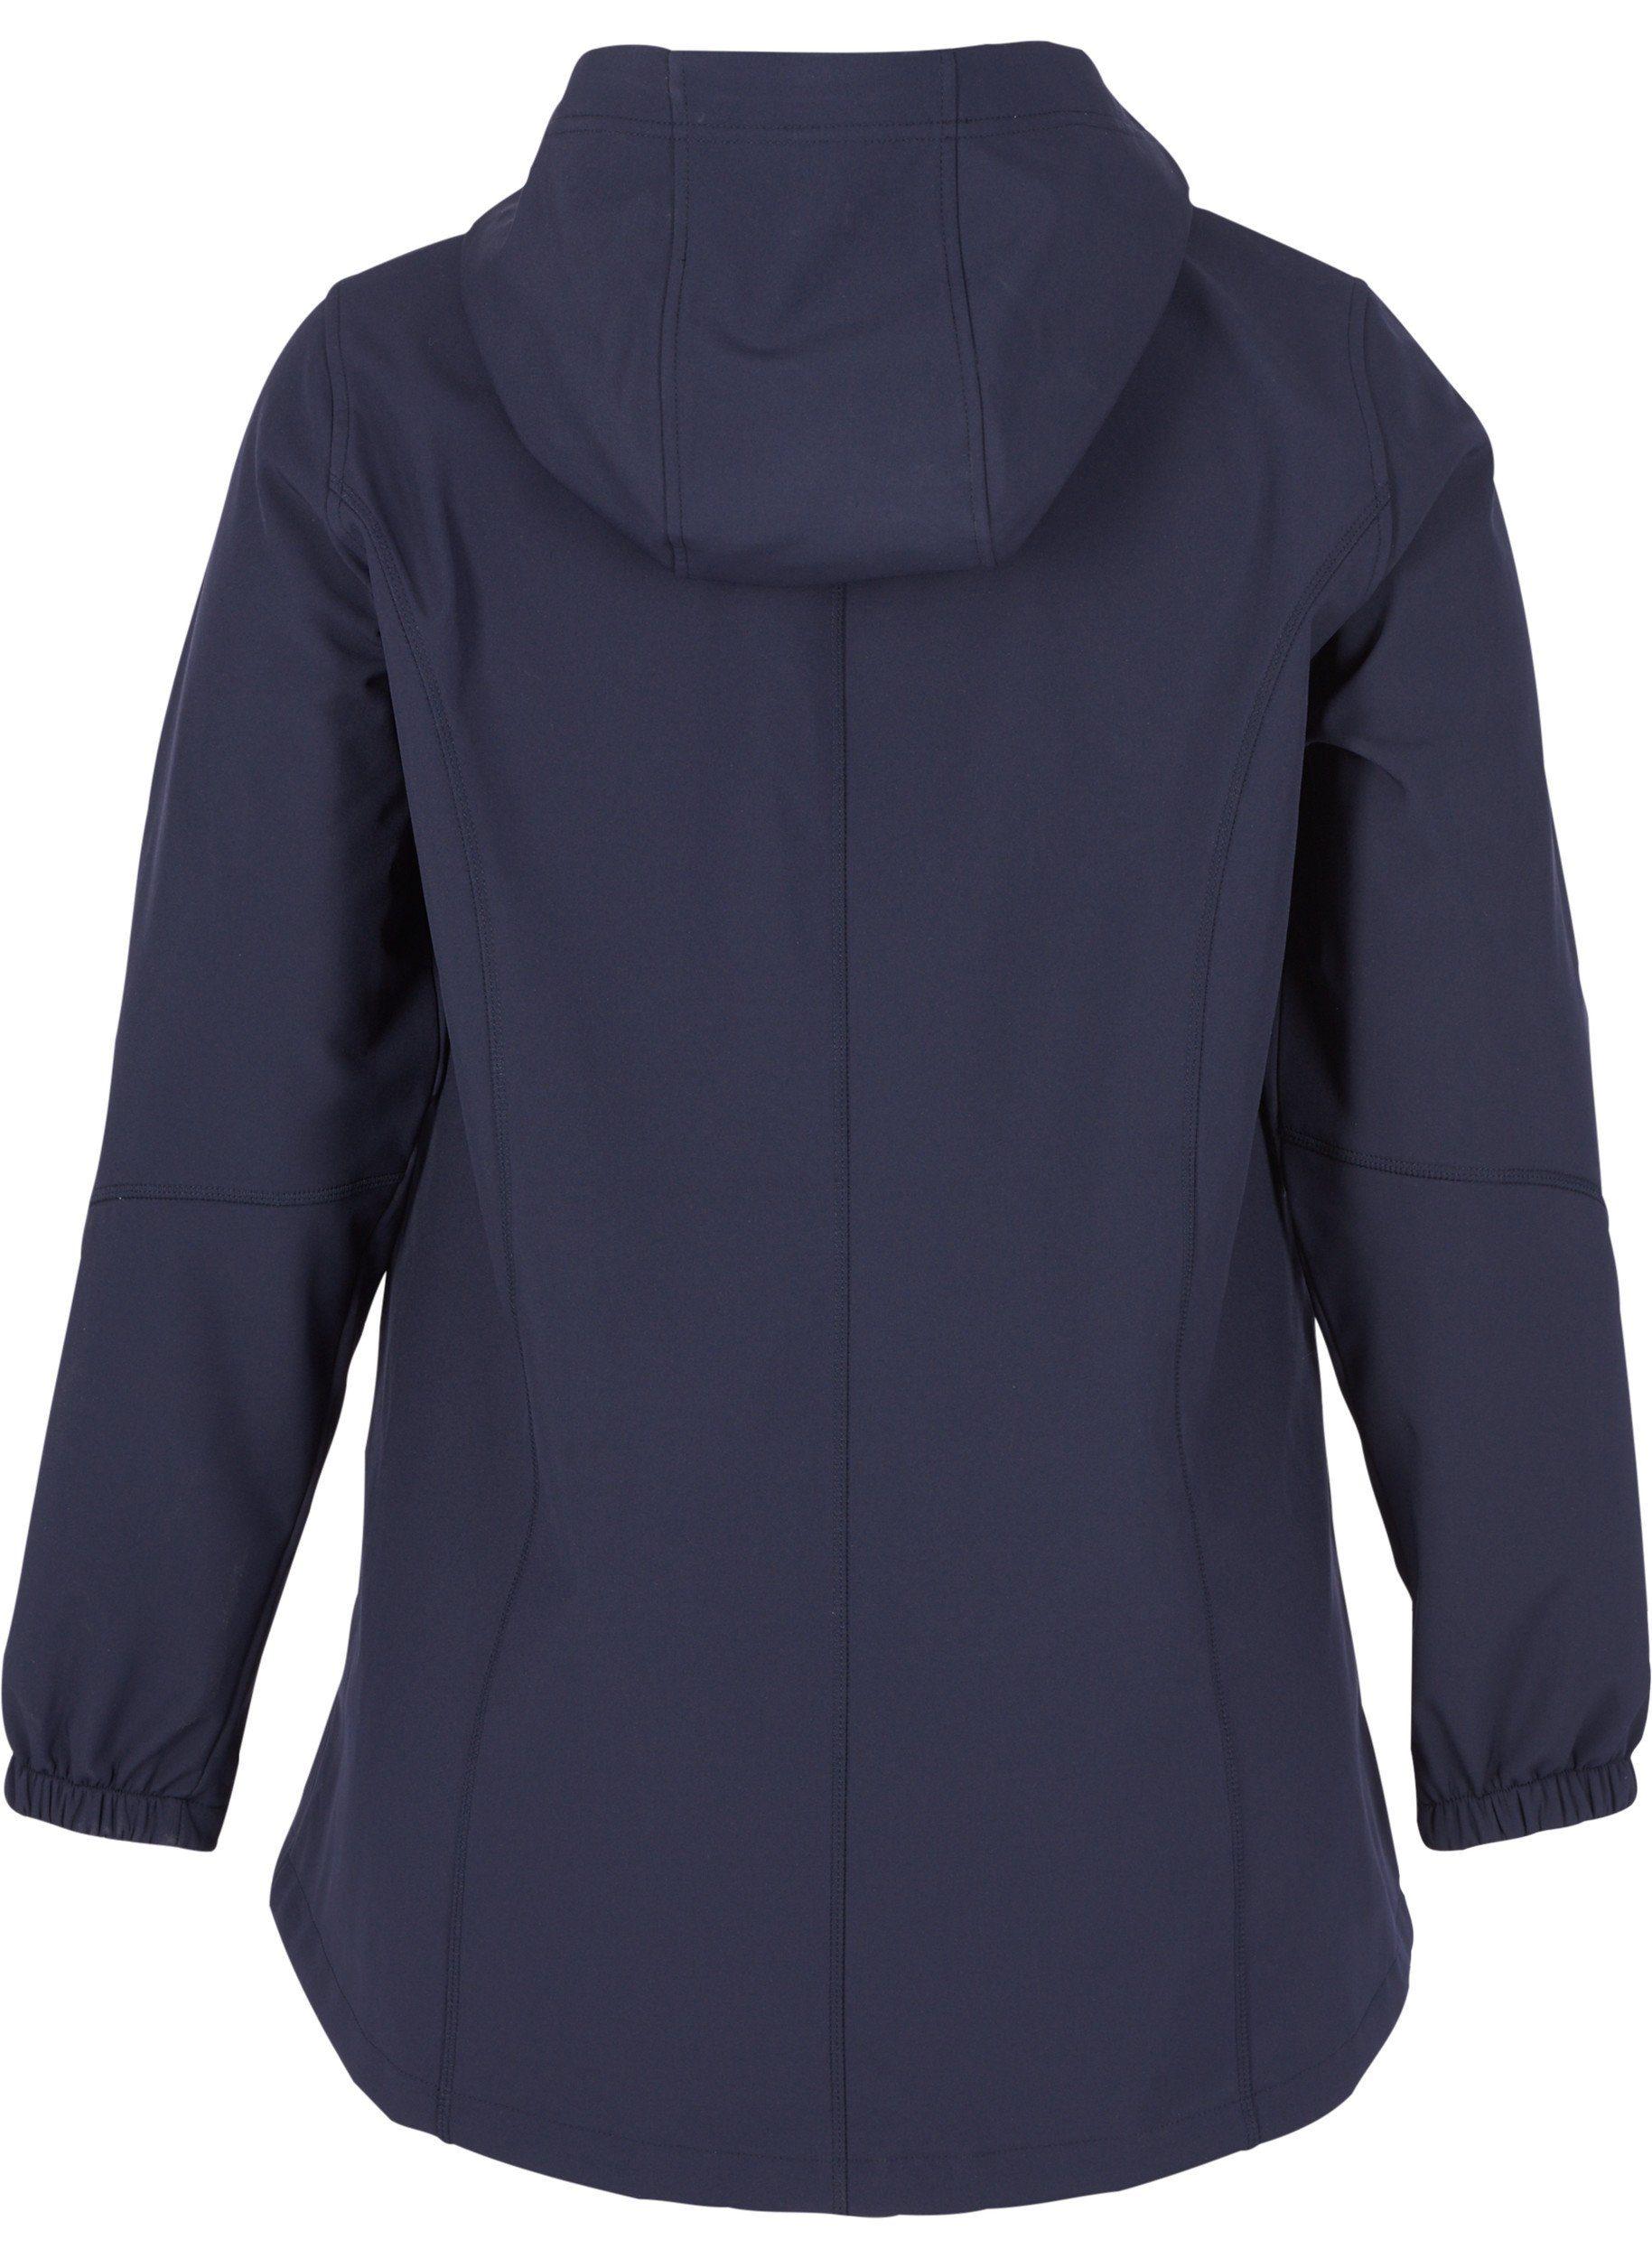 Zizzi Outdoorjacke Damen Große Größen Softshell Jacke Kapuze Online Kaufen